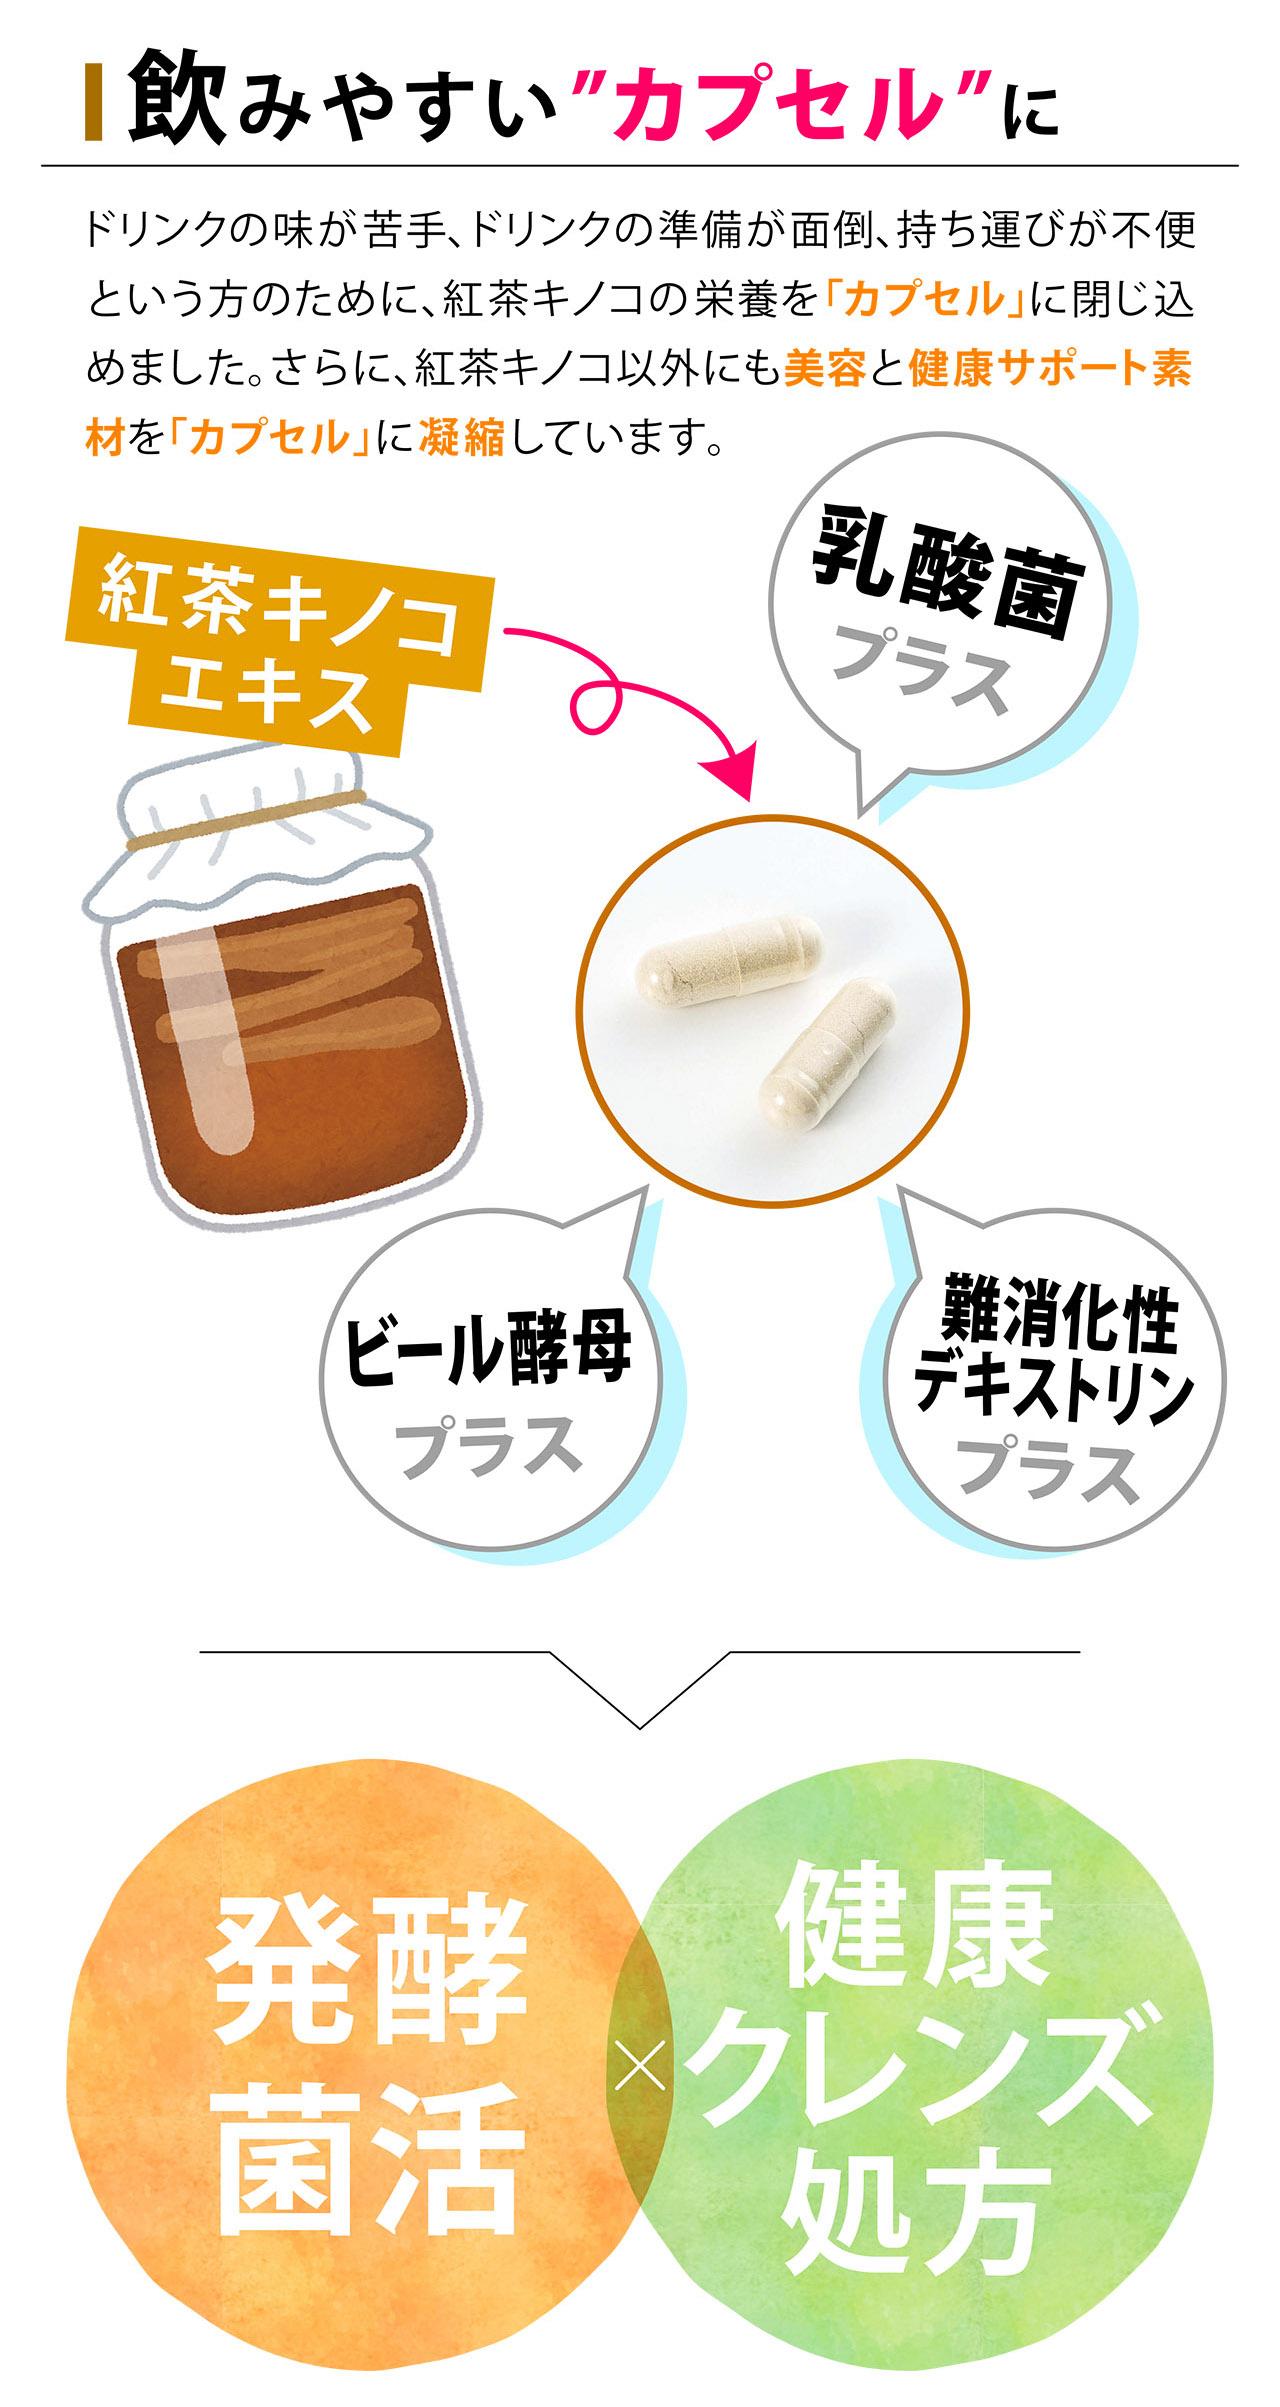 """飲みやすい""""カプセル""""に ドリンクの味が苦手、ドリンクの準備が面倒、持ち運びが不便という方のために、紅茶キノコの栄養を「カプセル」に閉じ込めました。さらに、紅茶キノコ以外にも美容と健康サポート素材を「カプセル」に凝縮しています。 紅茶キノコエキス 乳酸菌プラス ビール酵母プラス 難消化性デキストリン プラス 発酵菌活 健康クレンズ処方"""